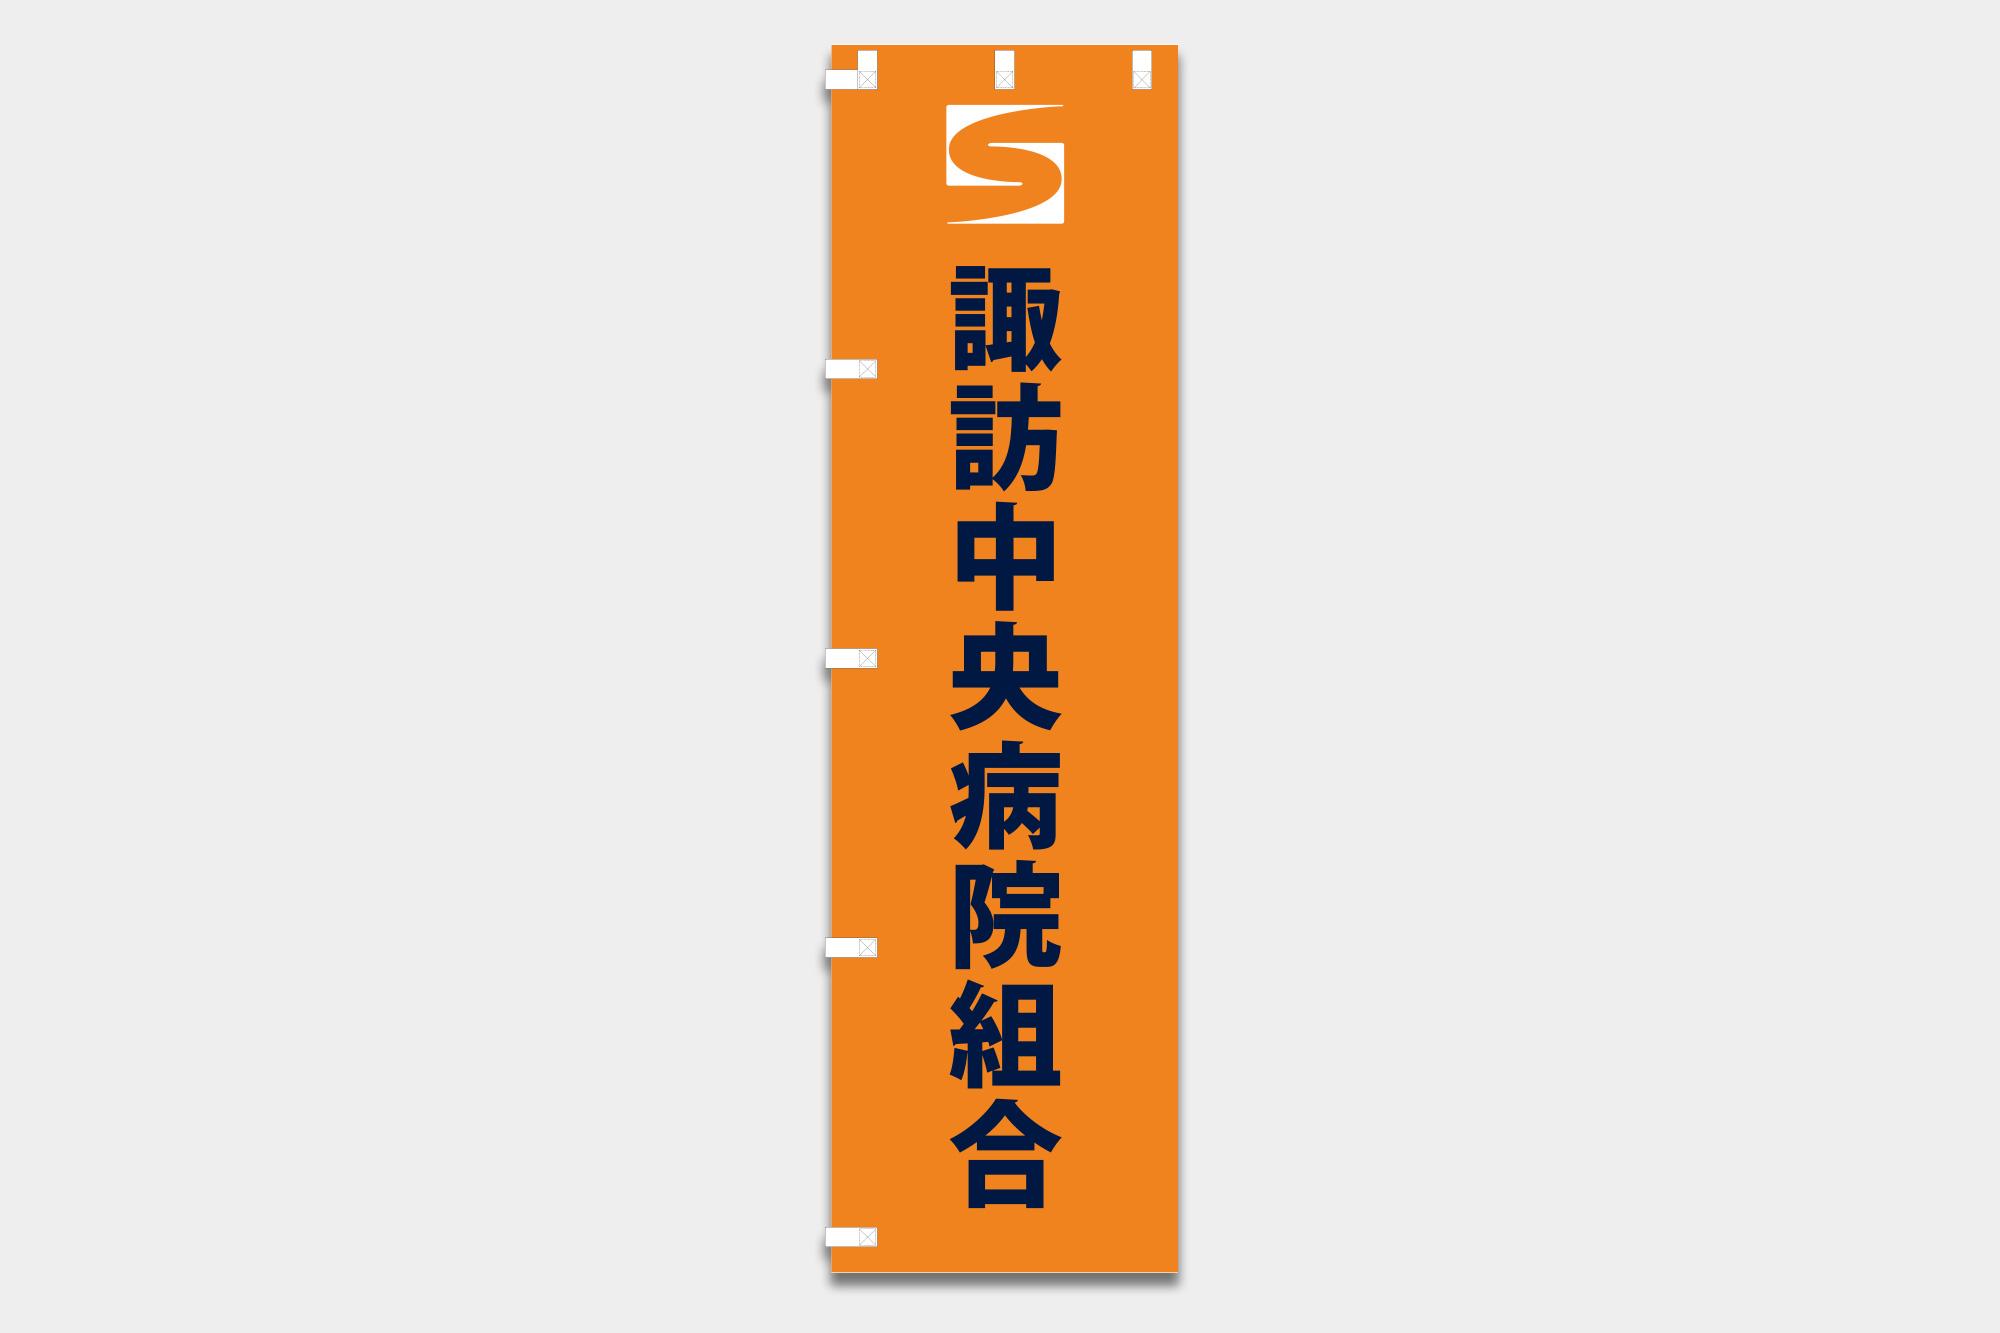 のぼり(諏訪中央病院組合様)